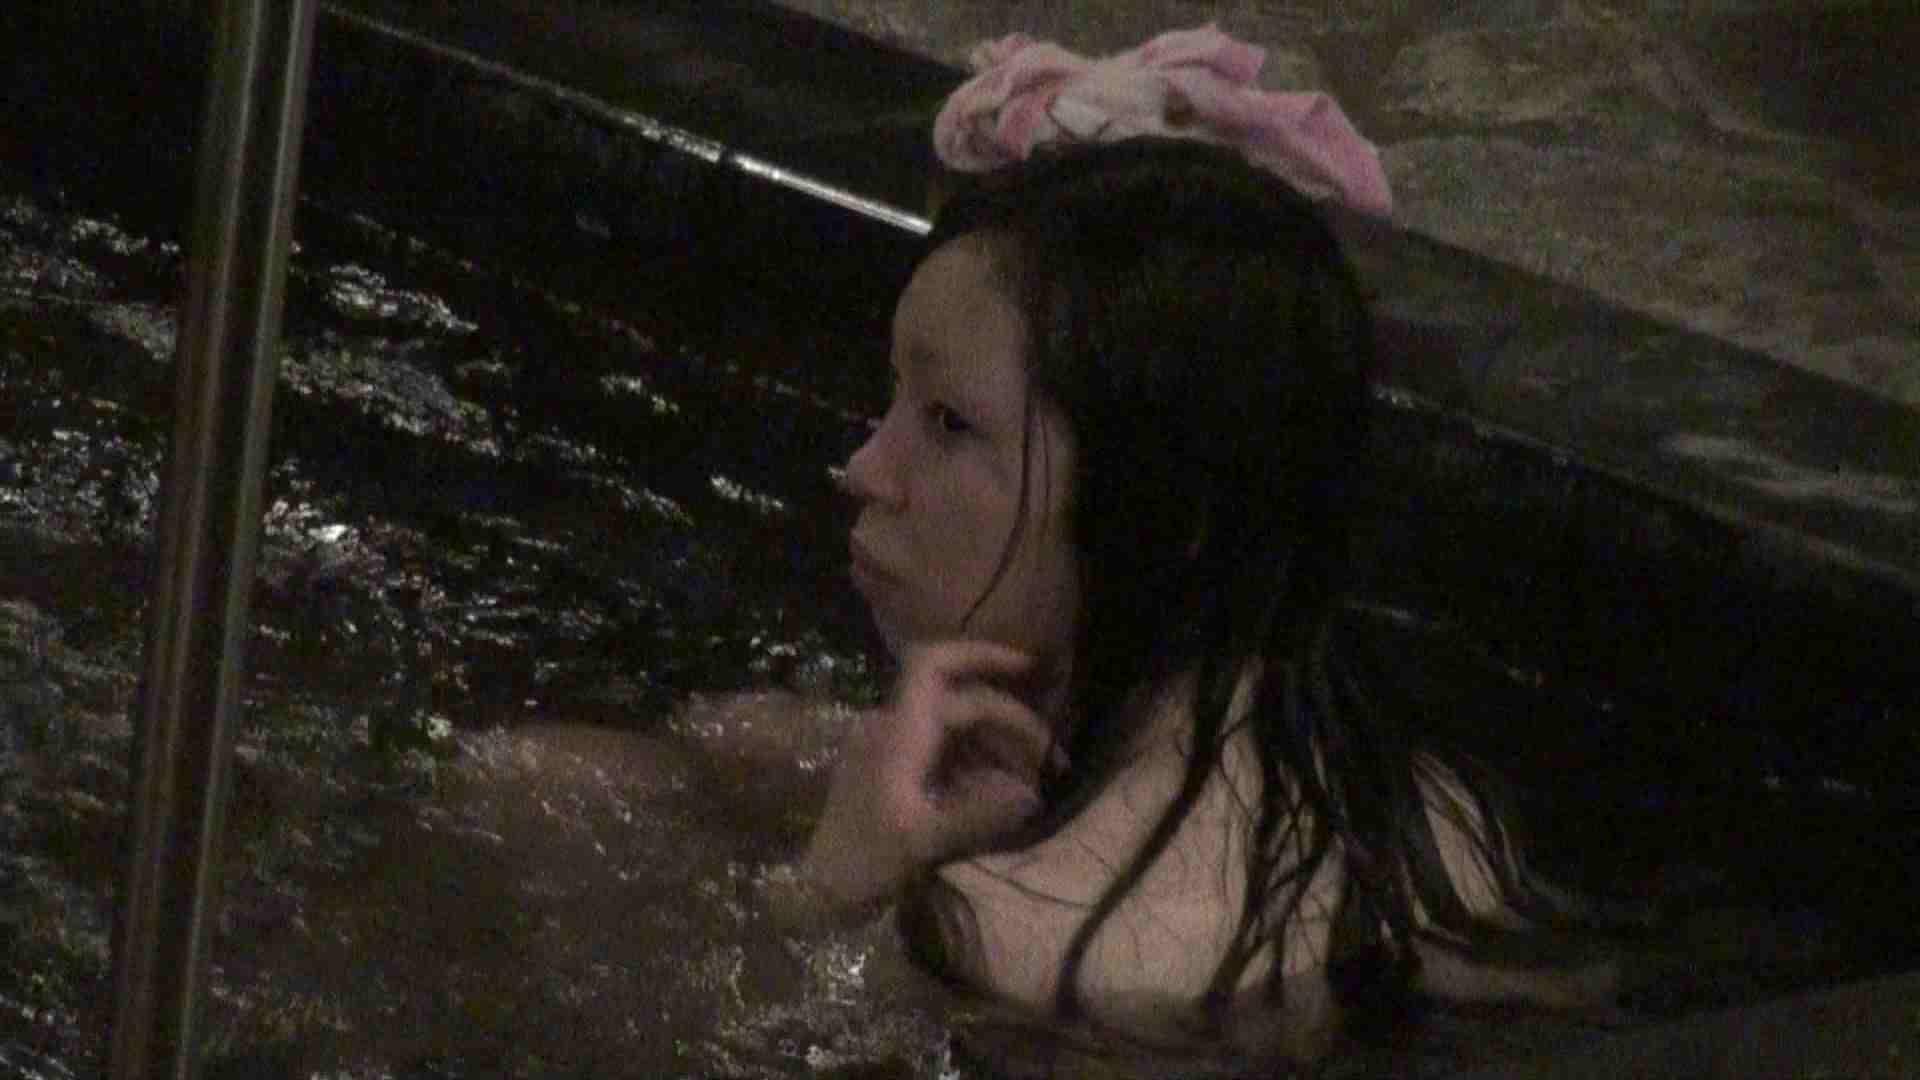 Aquaな露天風呂Vol.381 盗撮師作品 | 美しいOLの裸体  97pic 73